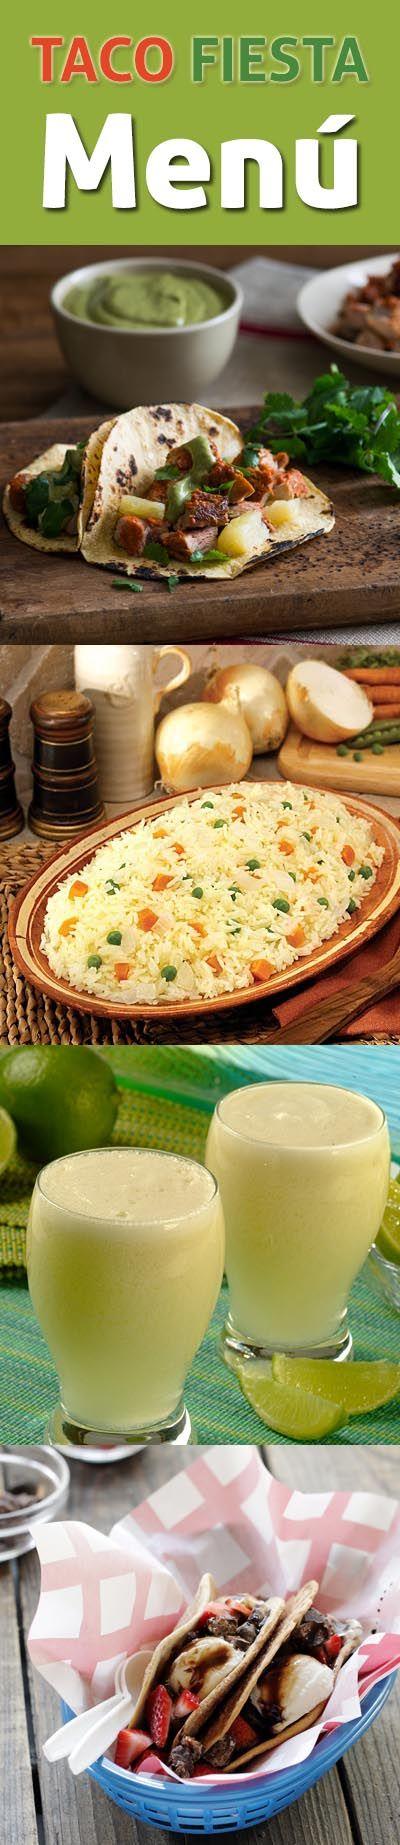 Tacos al pastor, arroz, una rica limonada y hasta tacos de postre. Todo esto, en un menú inspirado en sabores latinos, ¡perfecto para tu próxima fiesta o celebración!